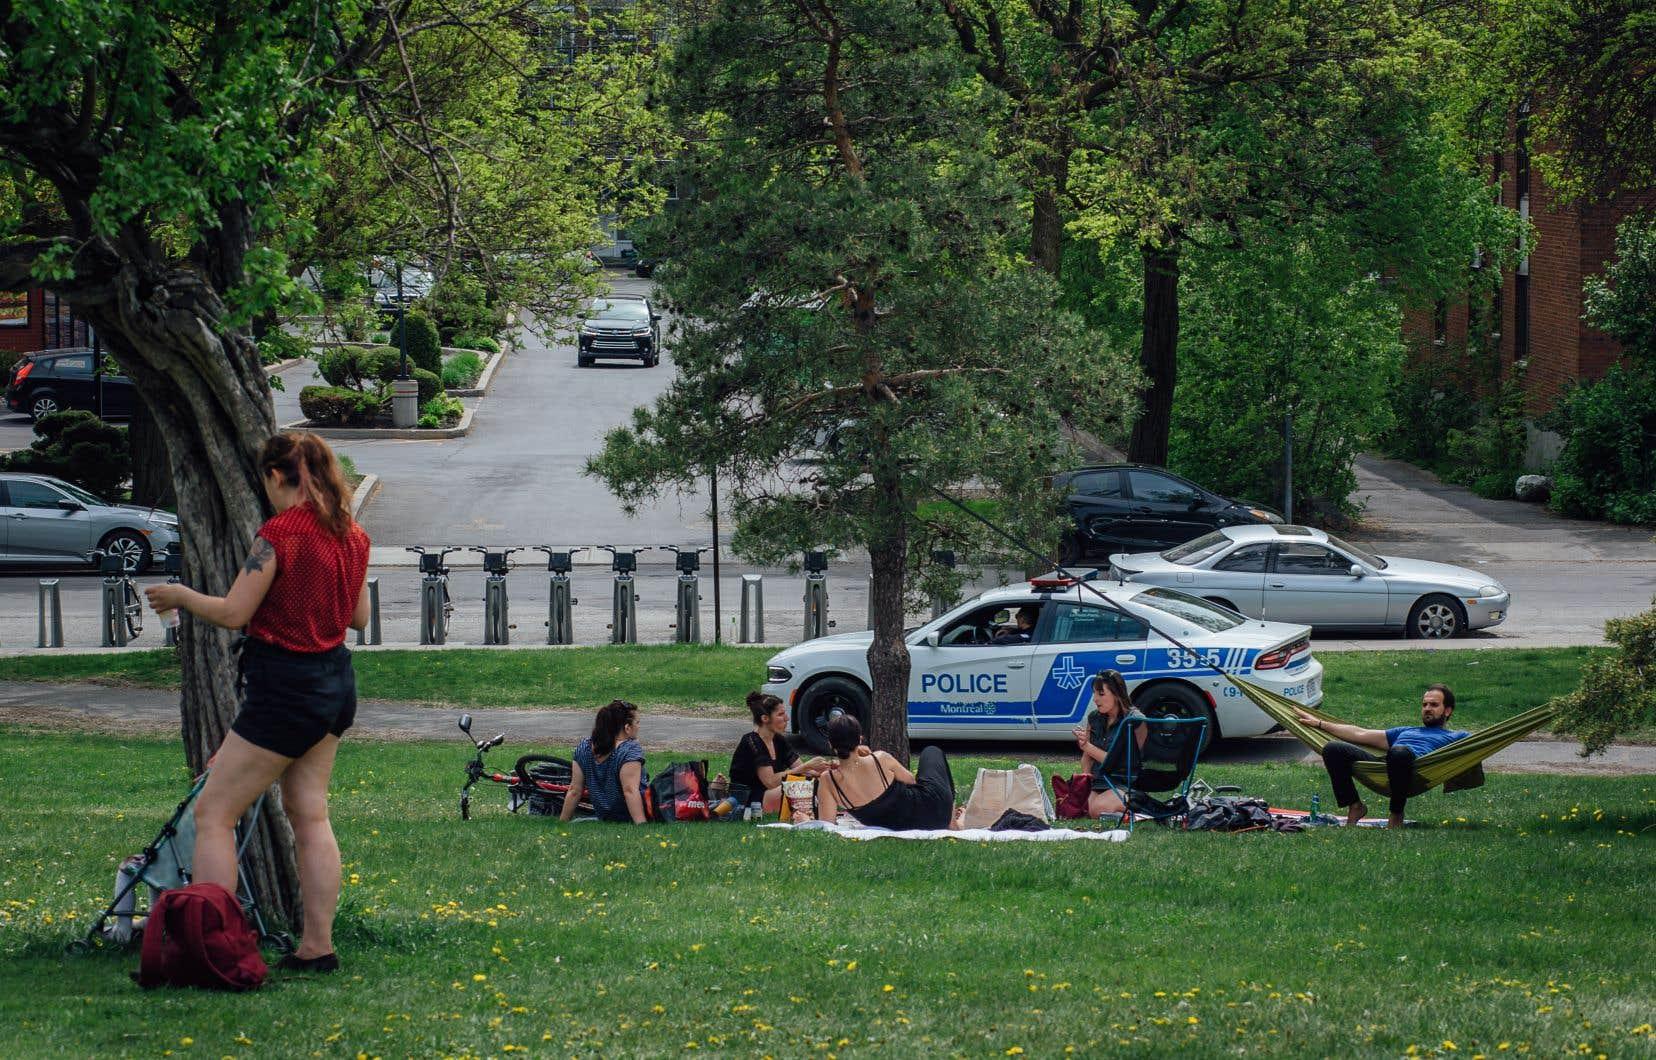 Un grand nombre de ces constats d'infraction ont été délivrés à des individus ayant participé à des rassemblements illégaux.